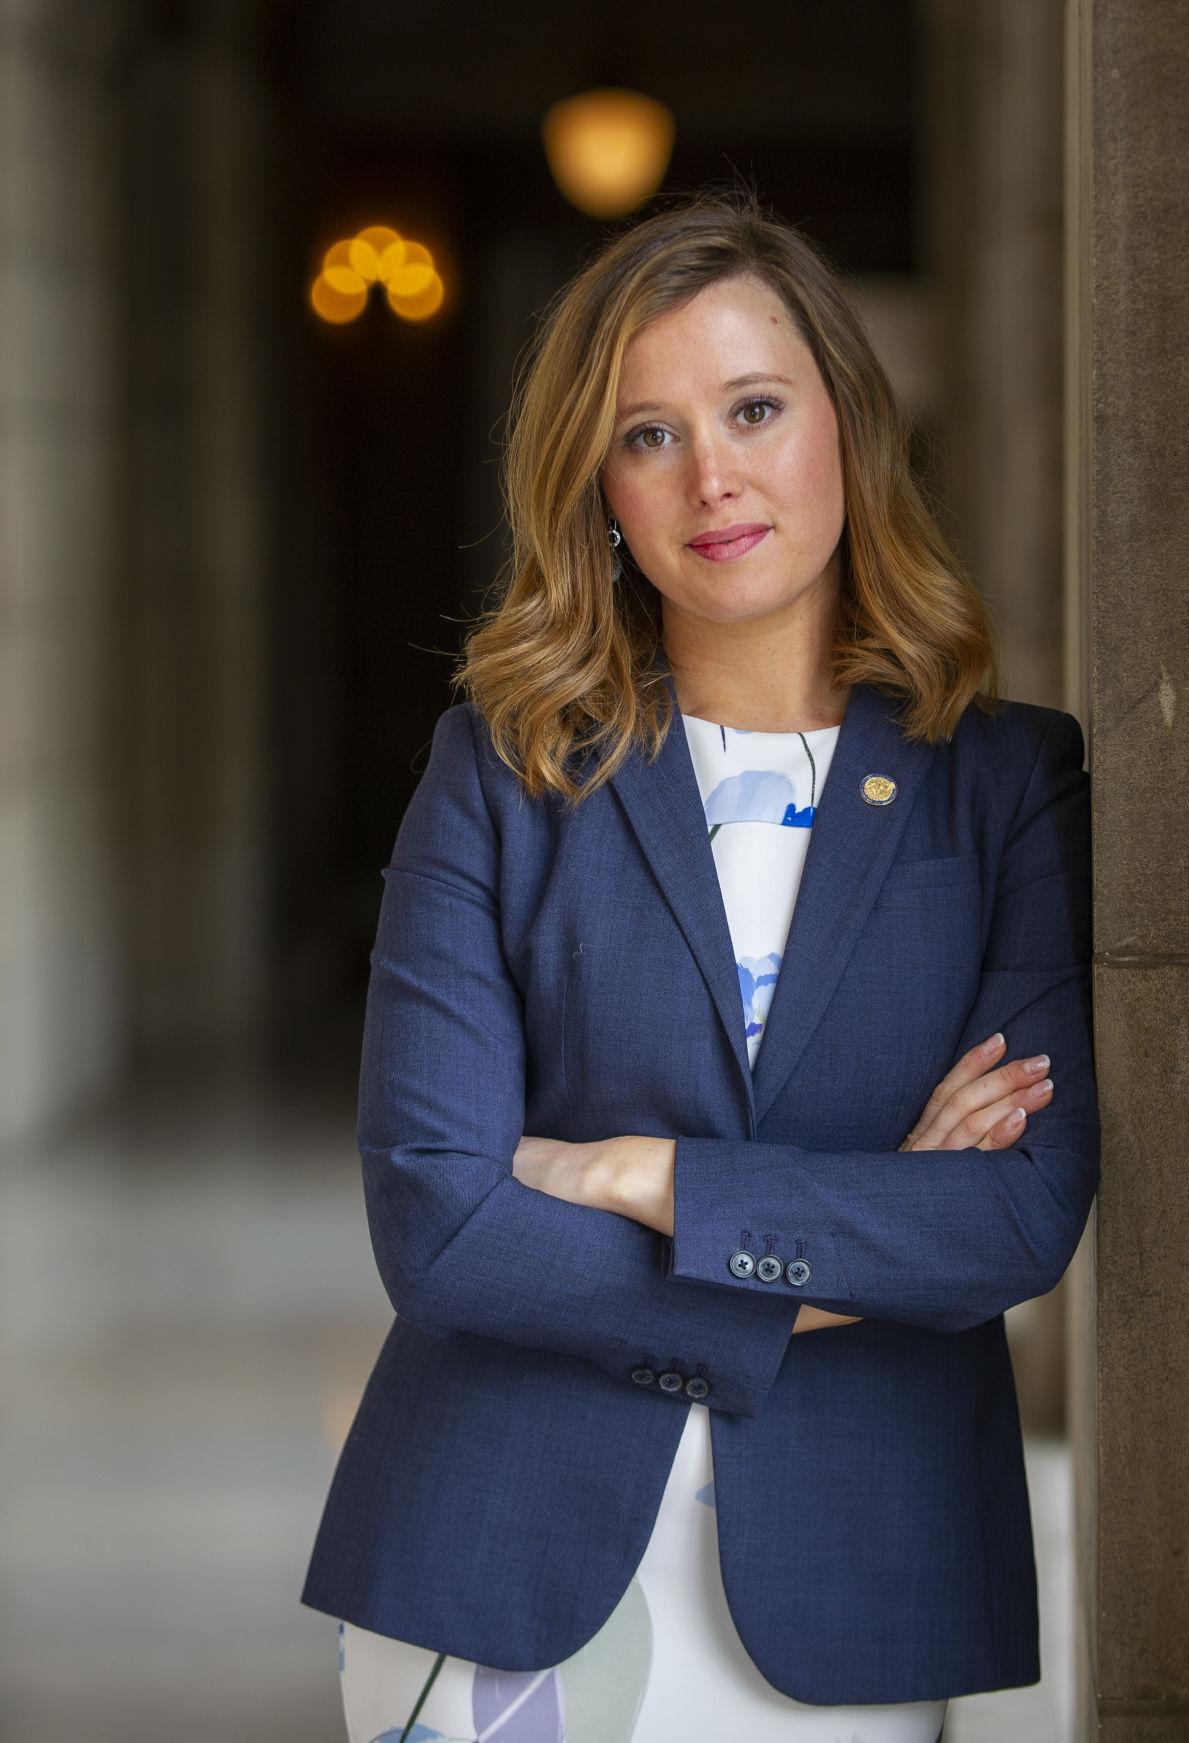 State Sen. Anna Wishart